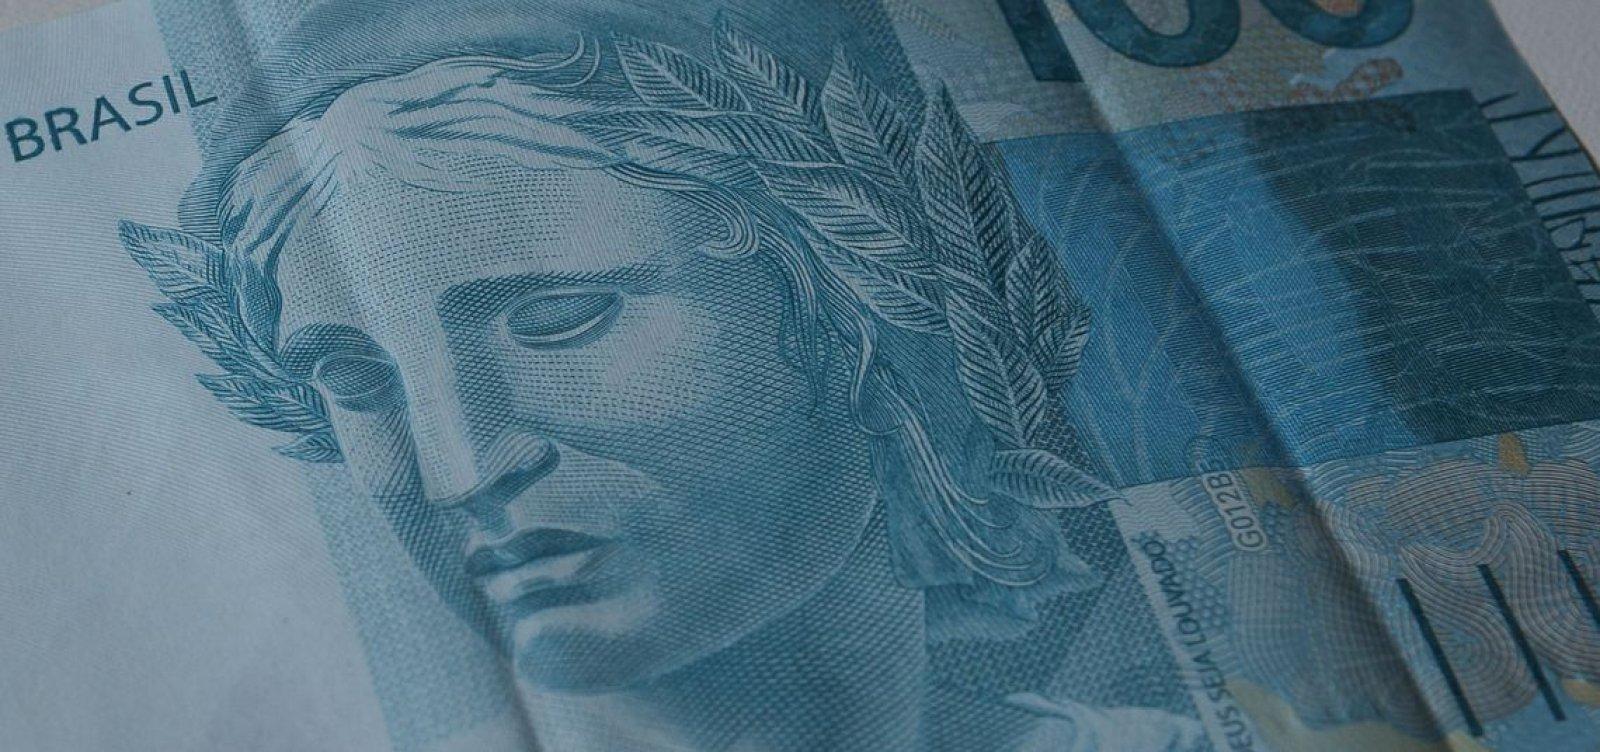 Governo prepara queda na projeção do PIB e novo bloqueio de até R$ 10 bi